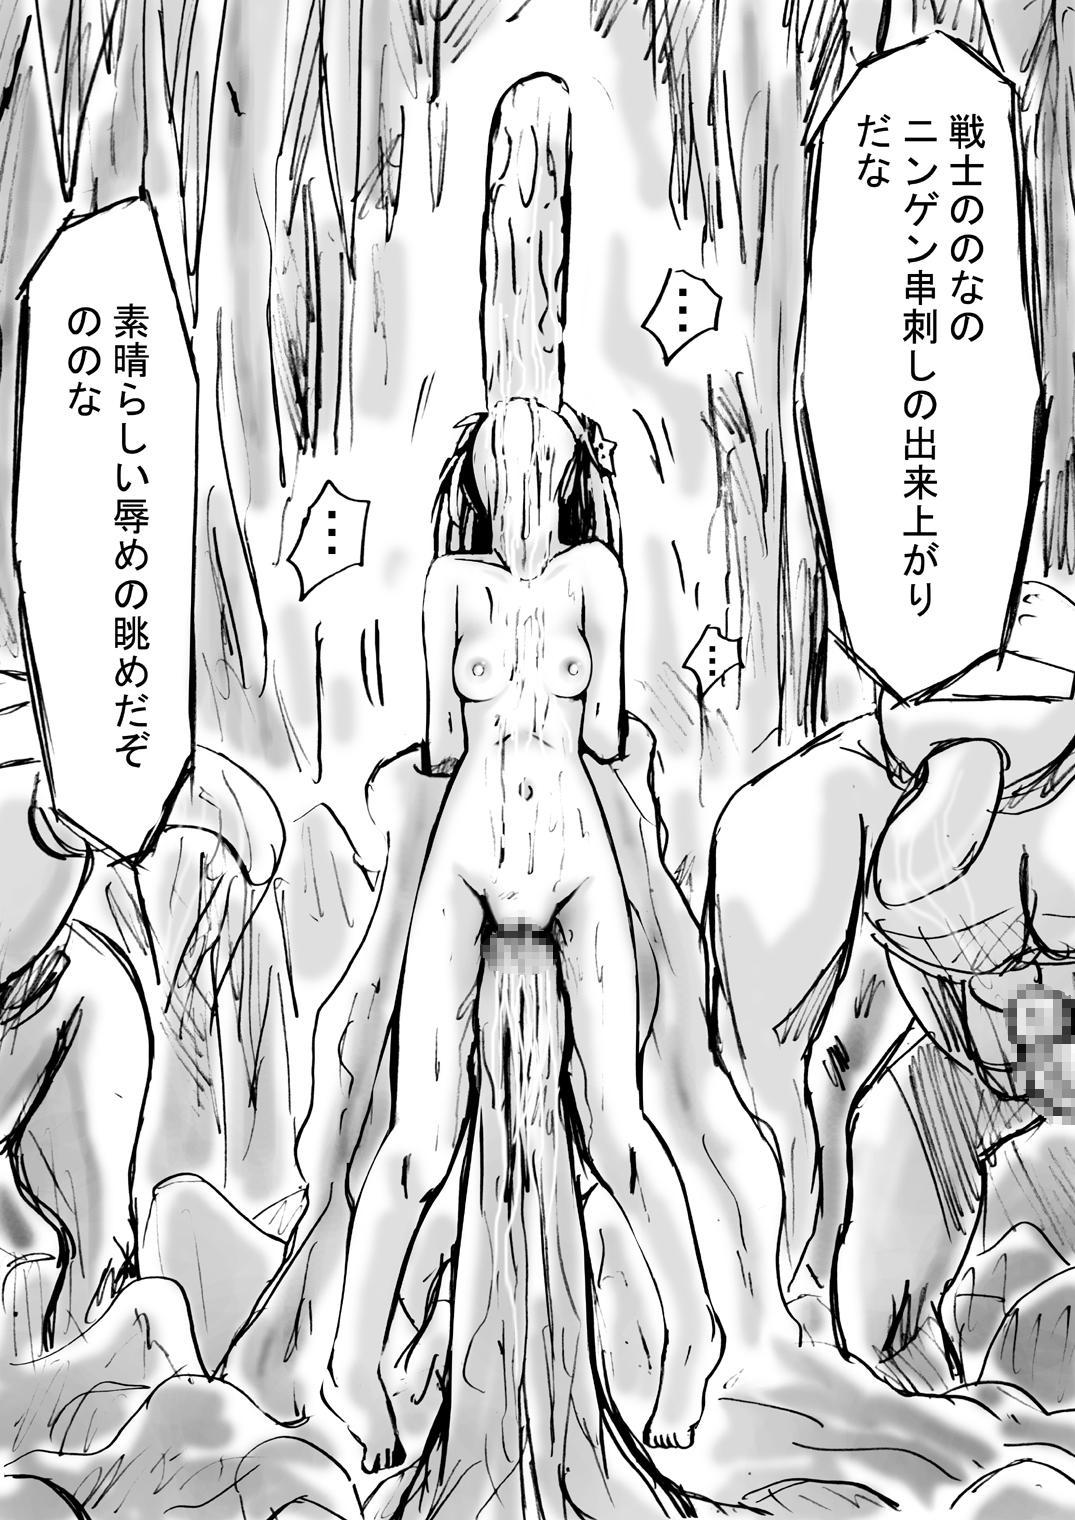 [Dende] Fushigi Sekai -Mystery World- Nonoha 5 ~Jokuma no Kyouniku no Tainai Shinshoku~ 55